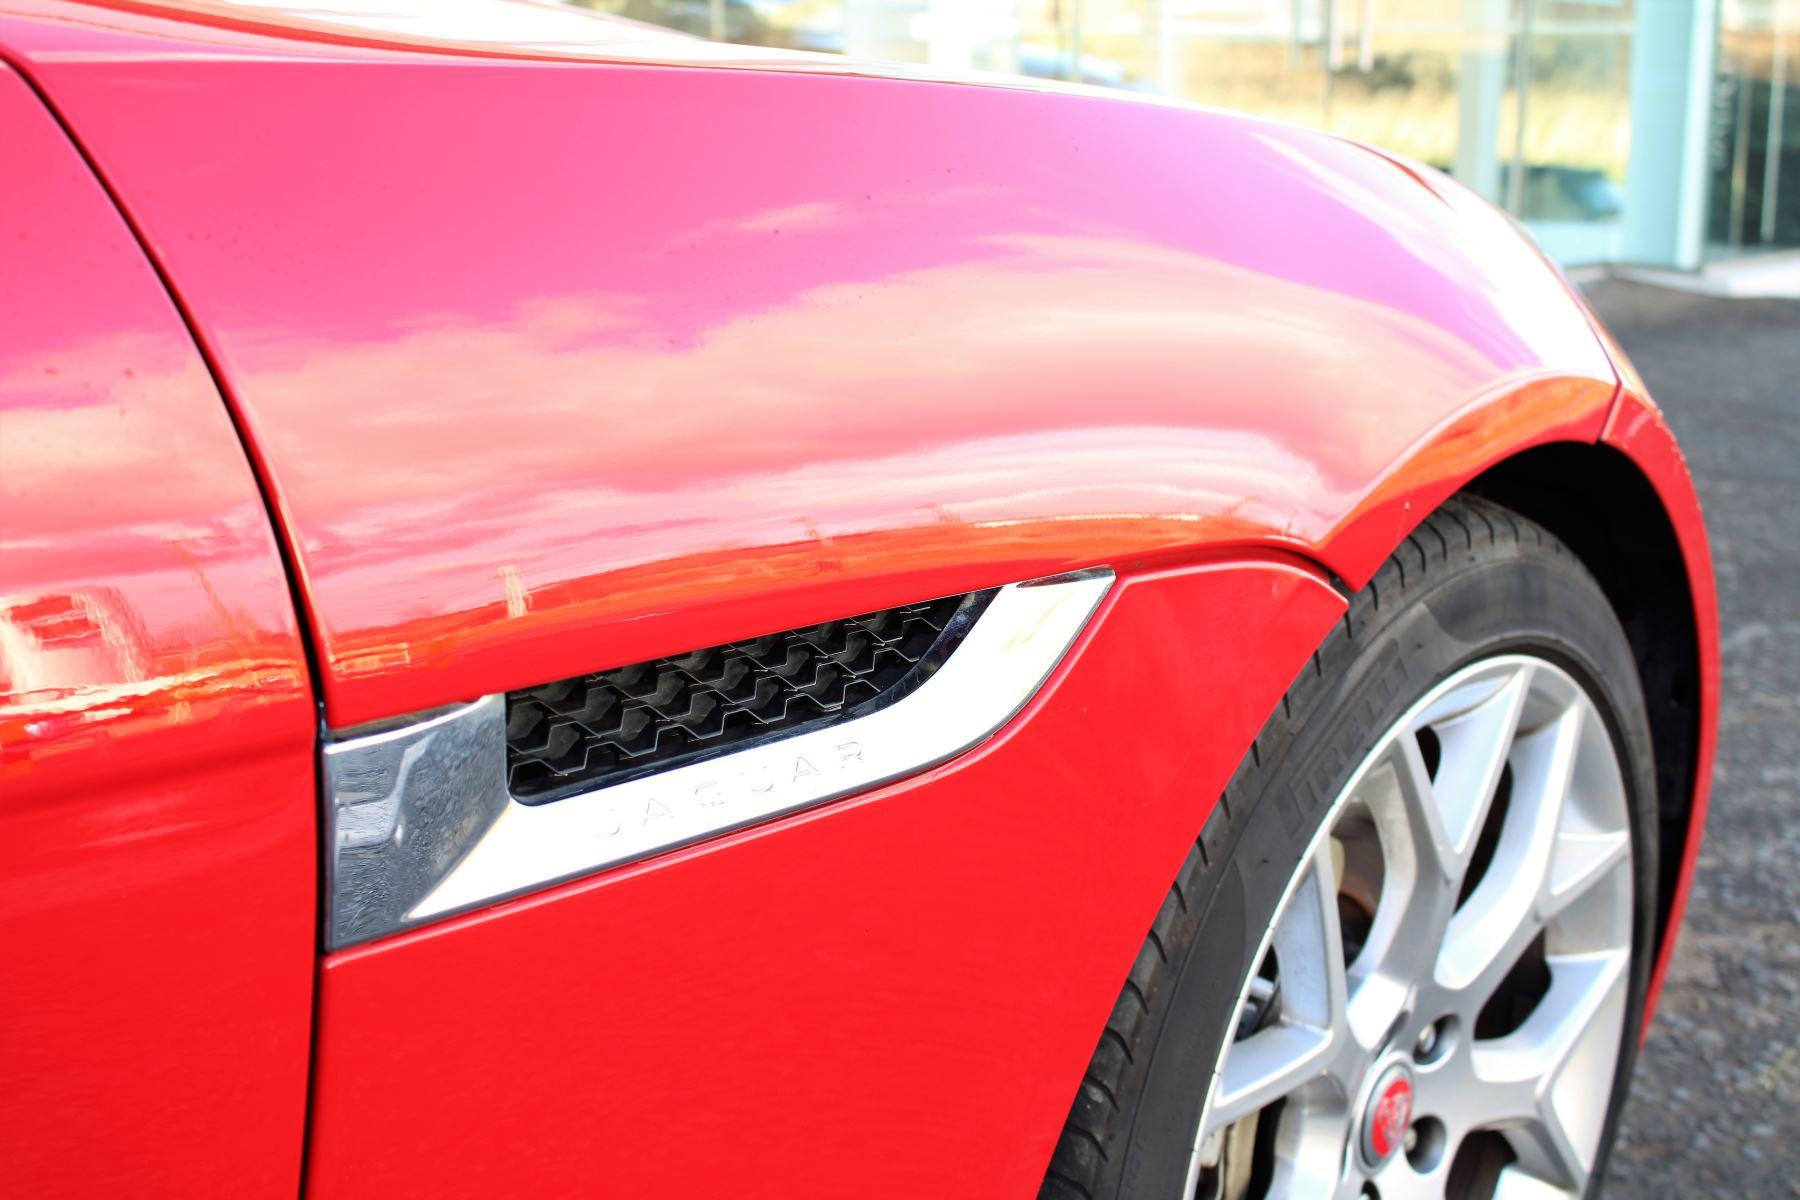 Jaguar F-TYPE 3.0 Supercharged V6 R-Dynamic 2dr image 8